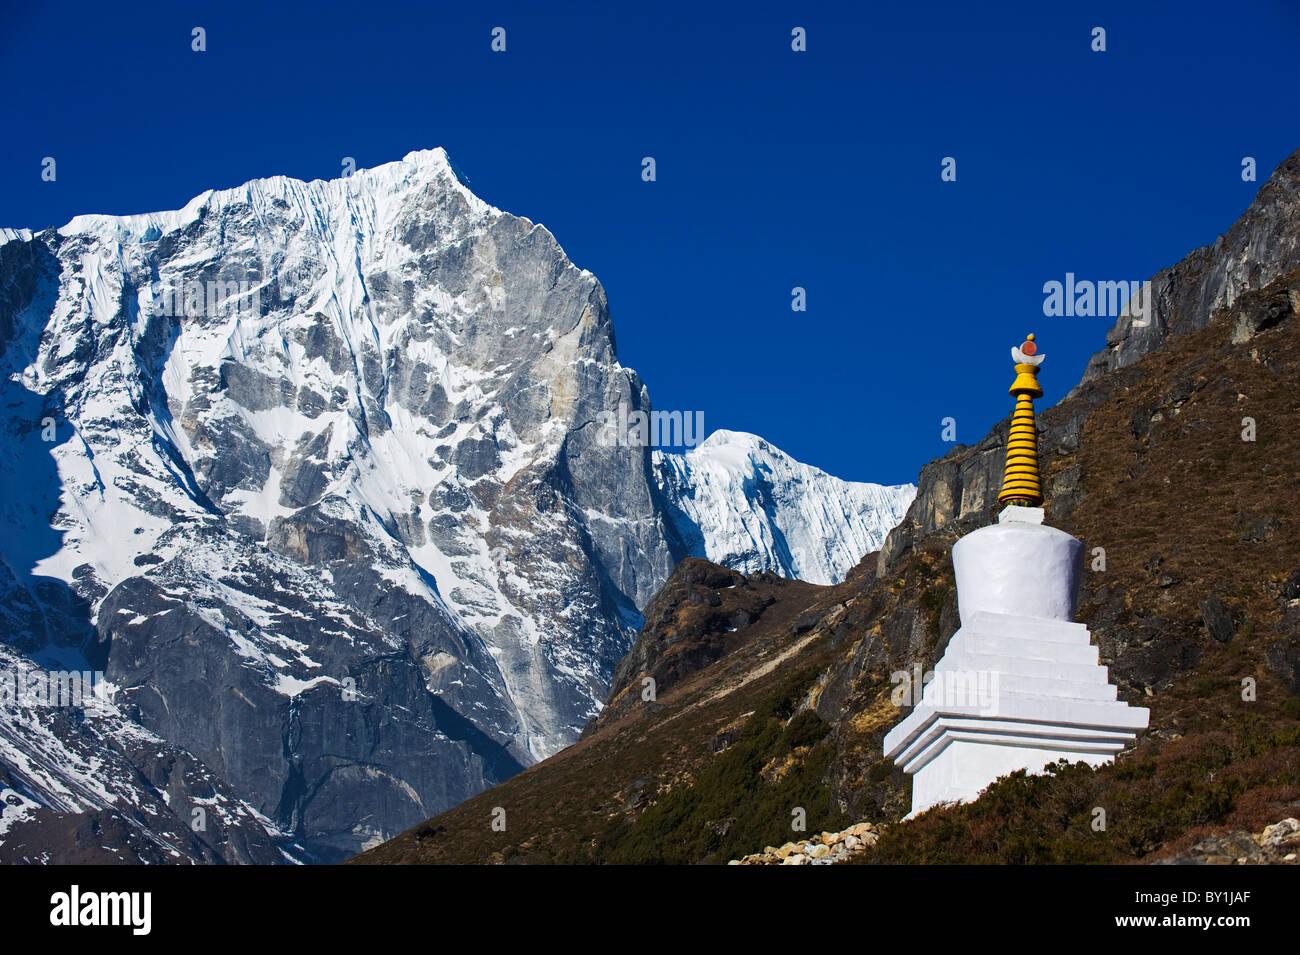 Asia, Nepal, Himalayas, Sagarmatha National Park, Solu Khumbu Everest Region, Unesco World Heritage, Thame, chorten - Stock Image